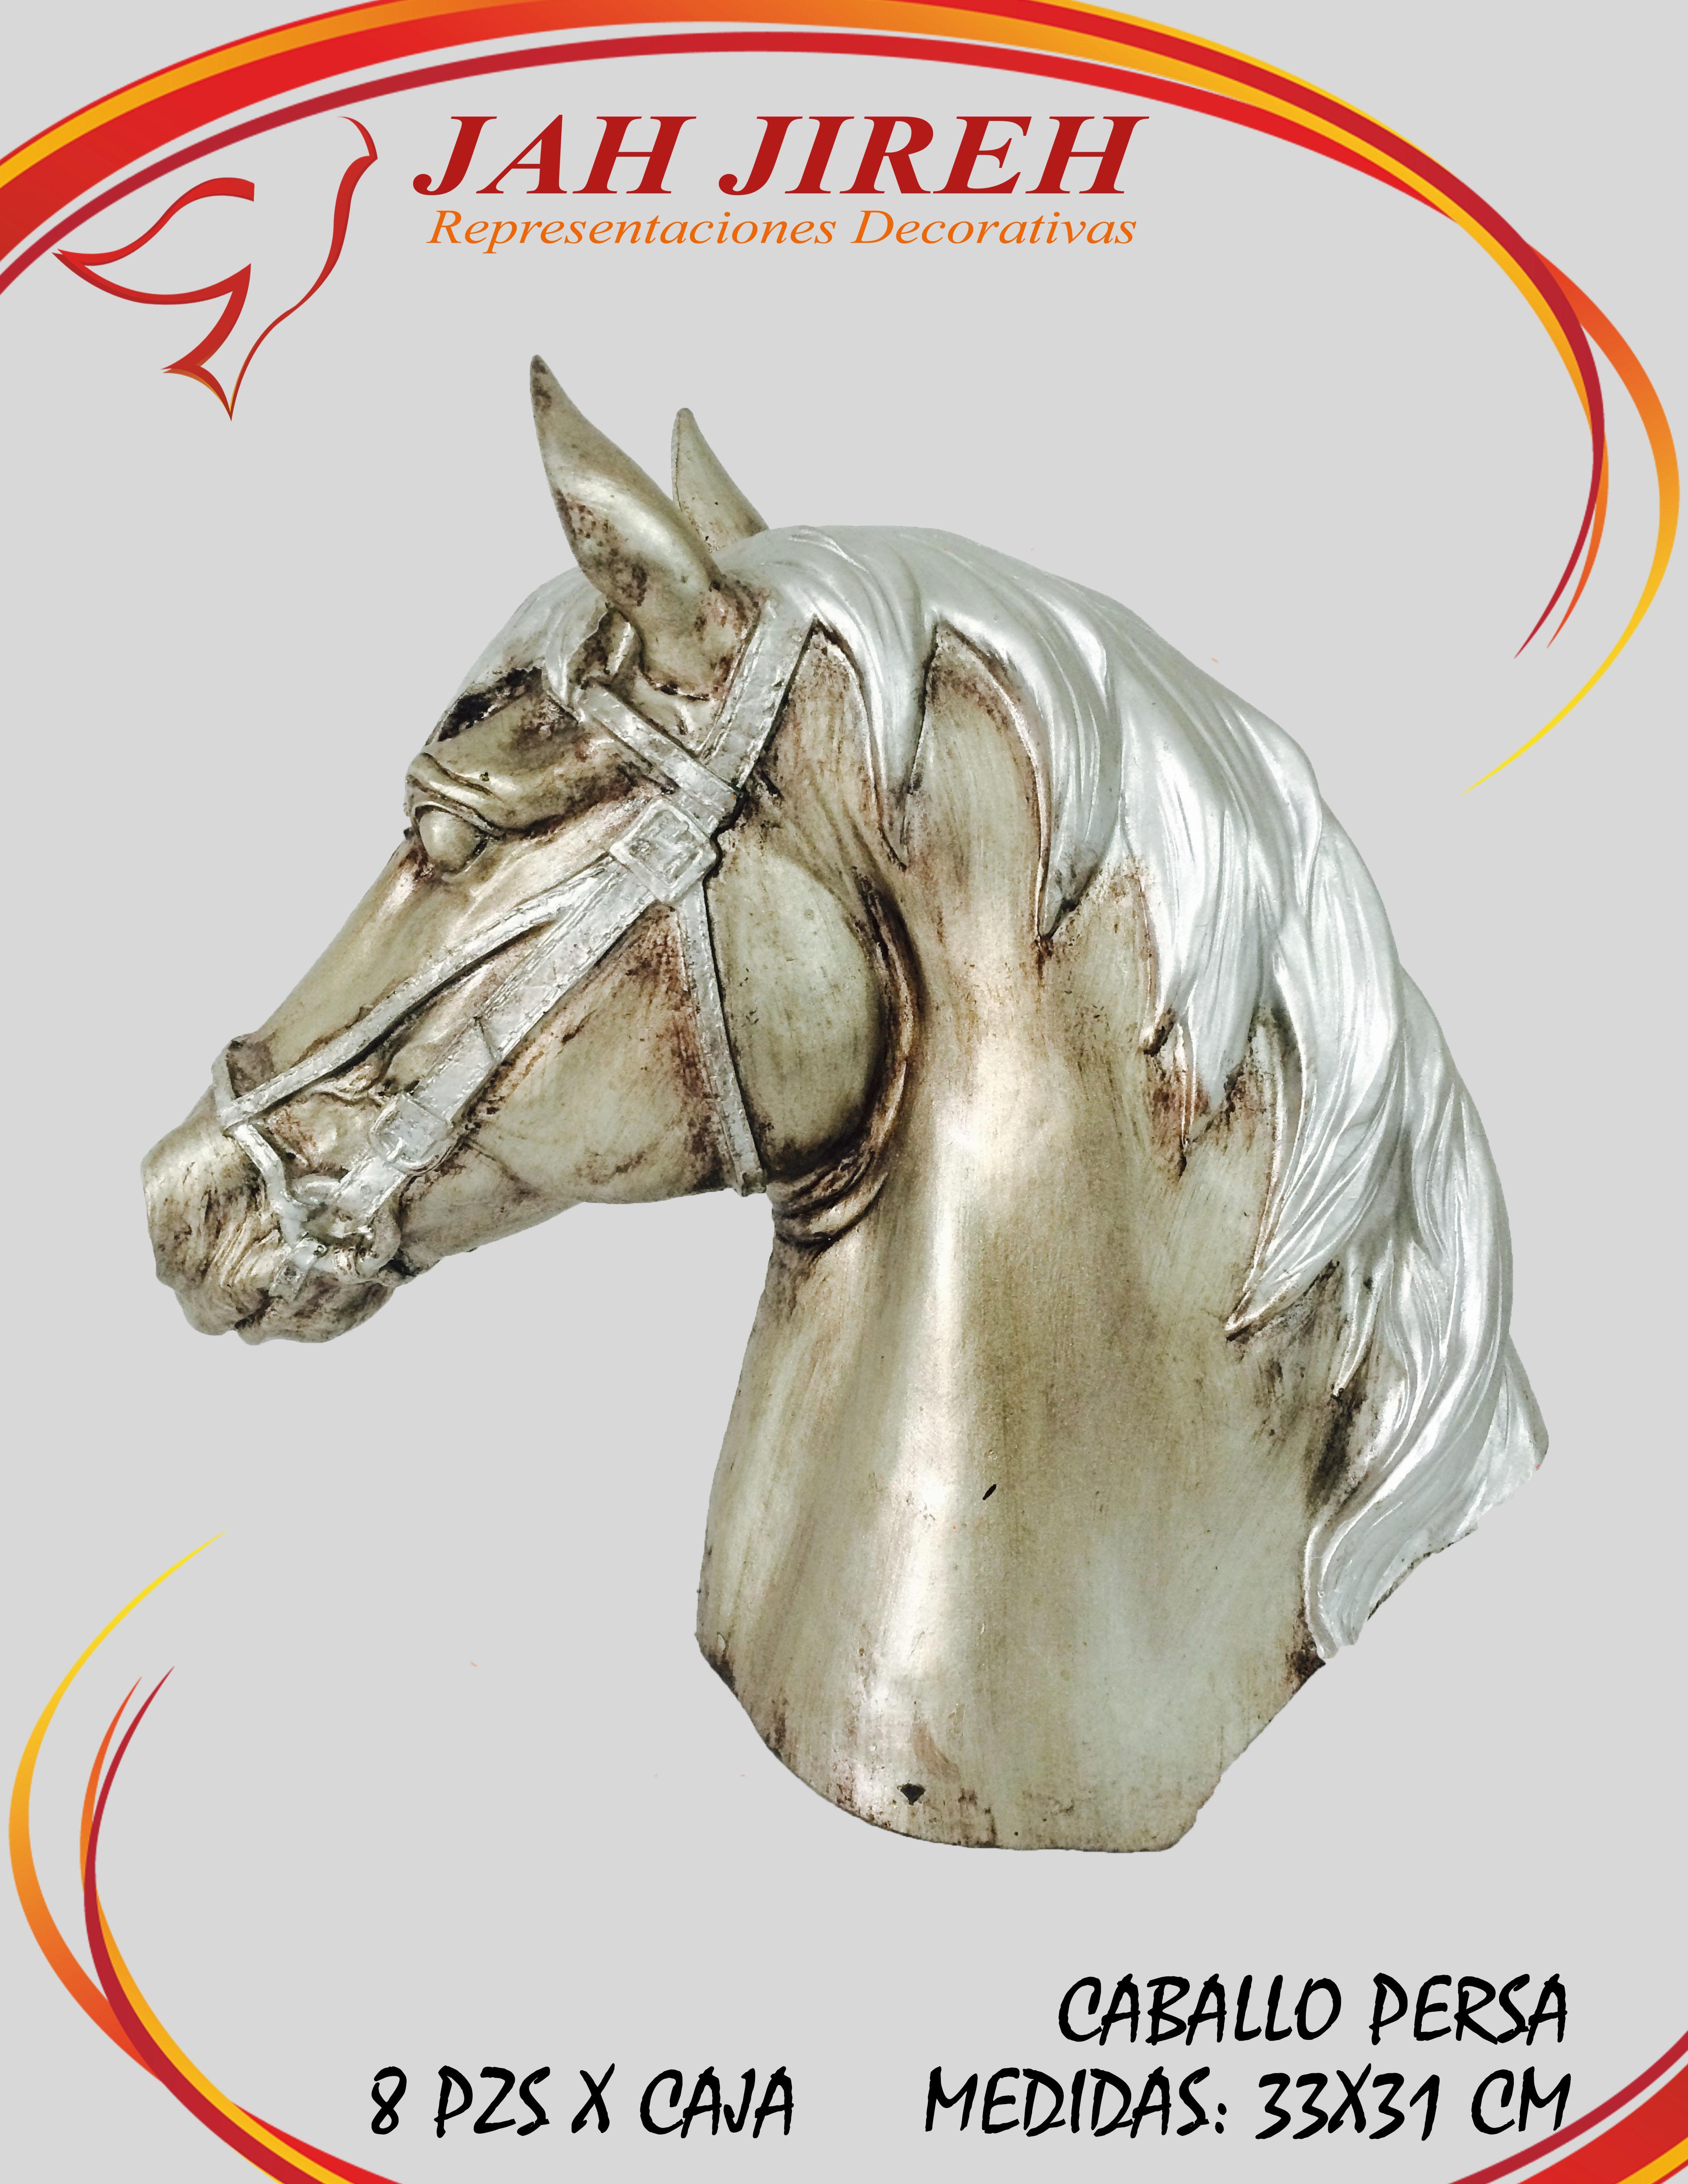 https://0201.nccdn.net/1_2/000/000/0c6/473/caballo-persa.jpg